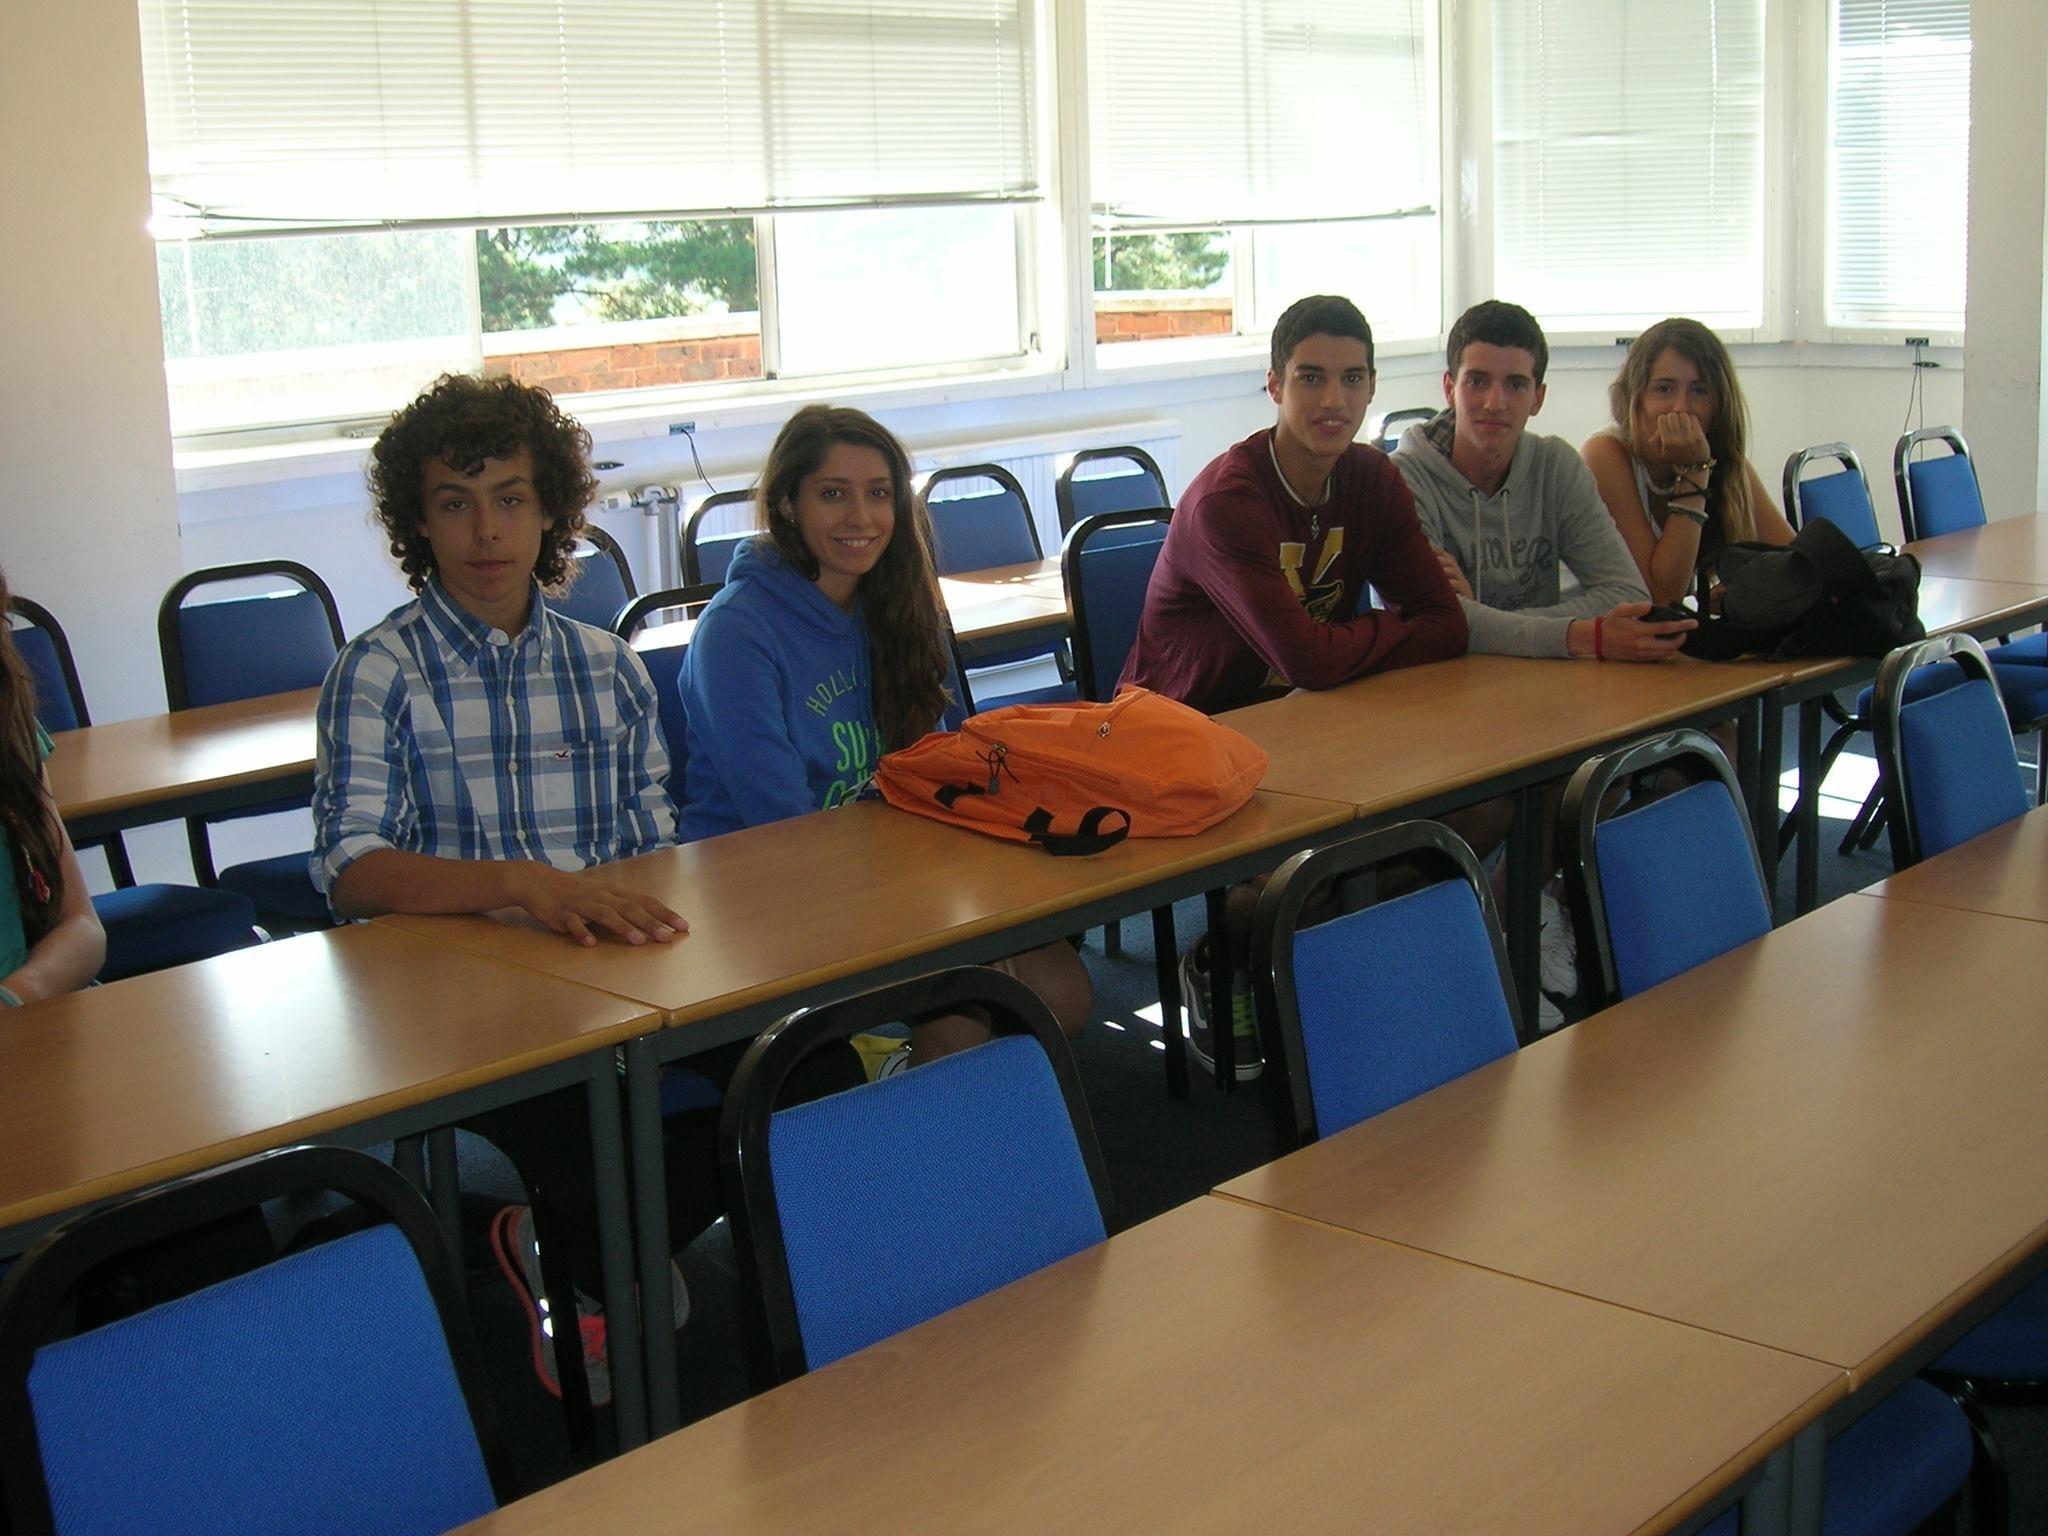 Los estudiantes del programa de inglés en Exeter disfrutarán de instalaciones cuidadas y dotadas